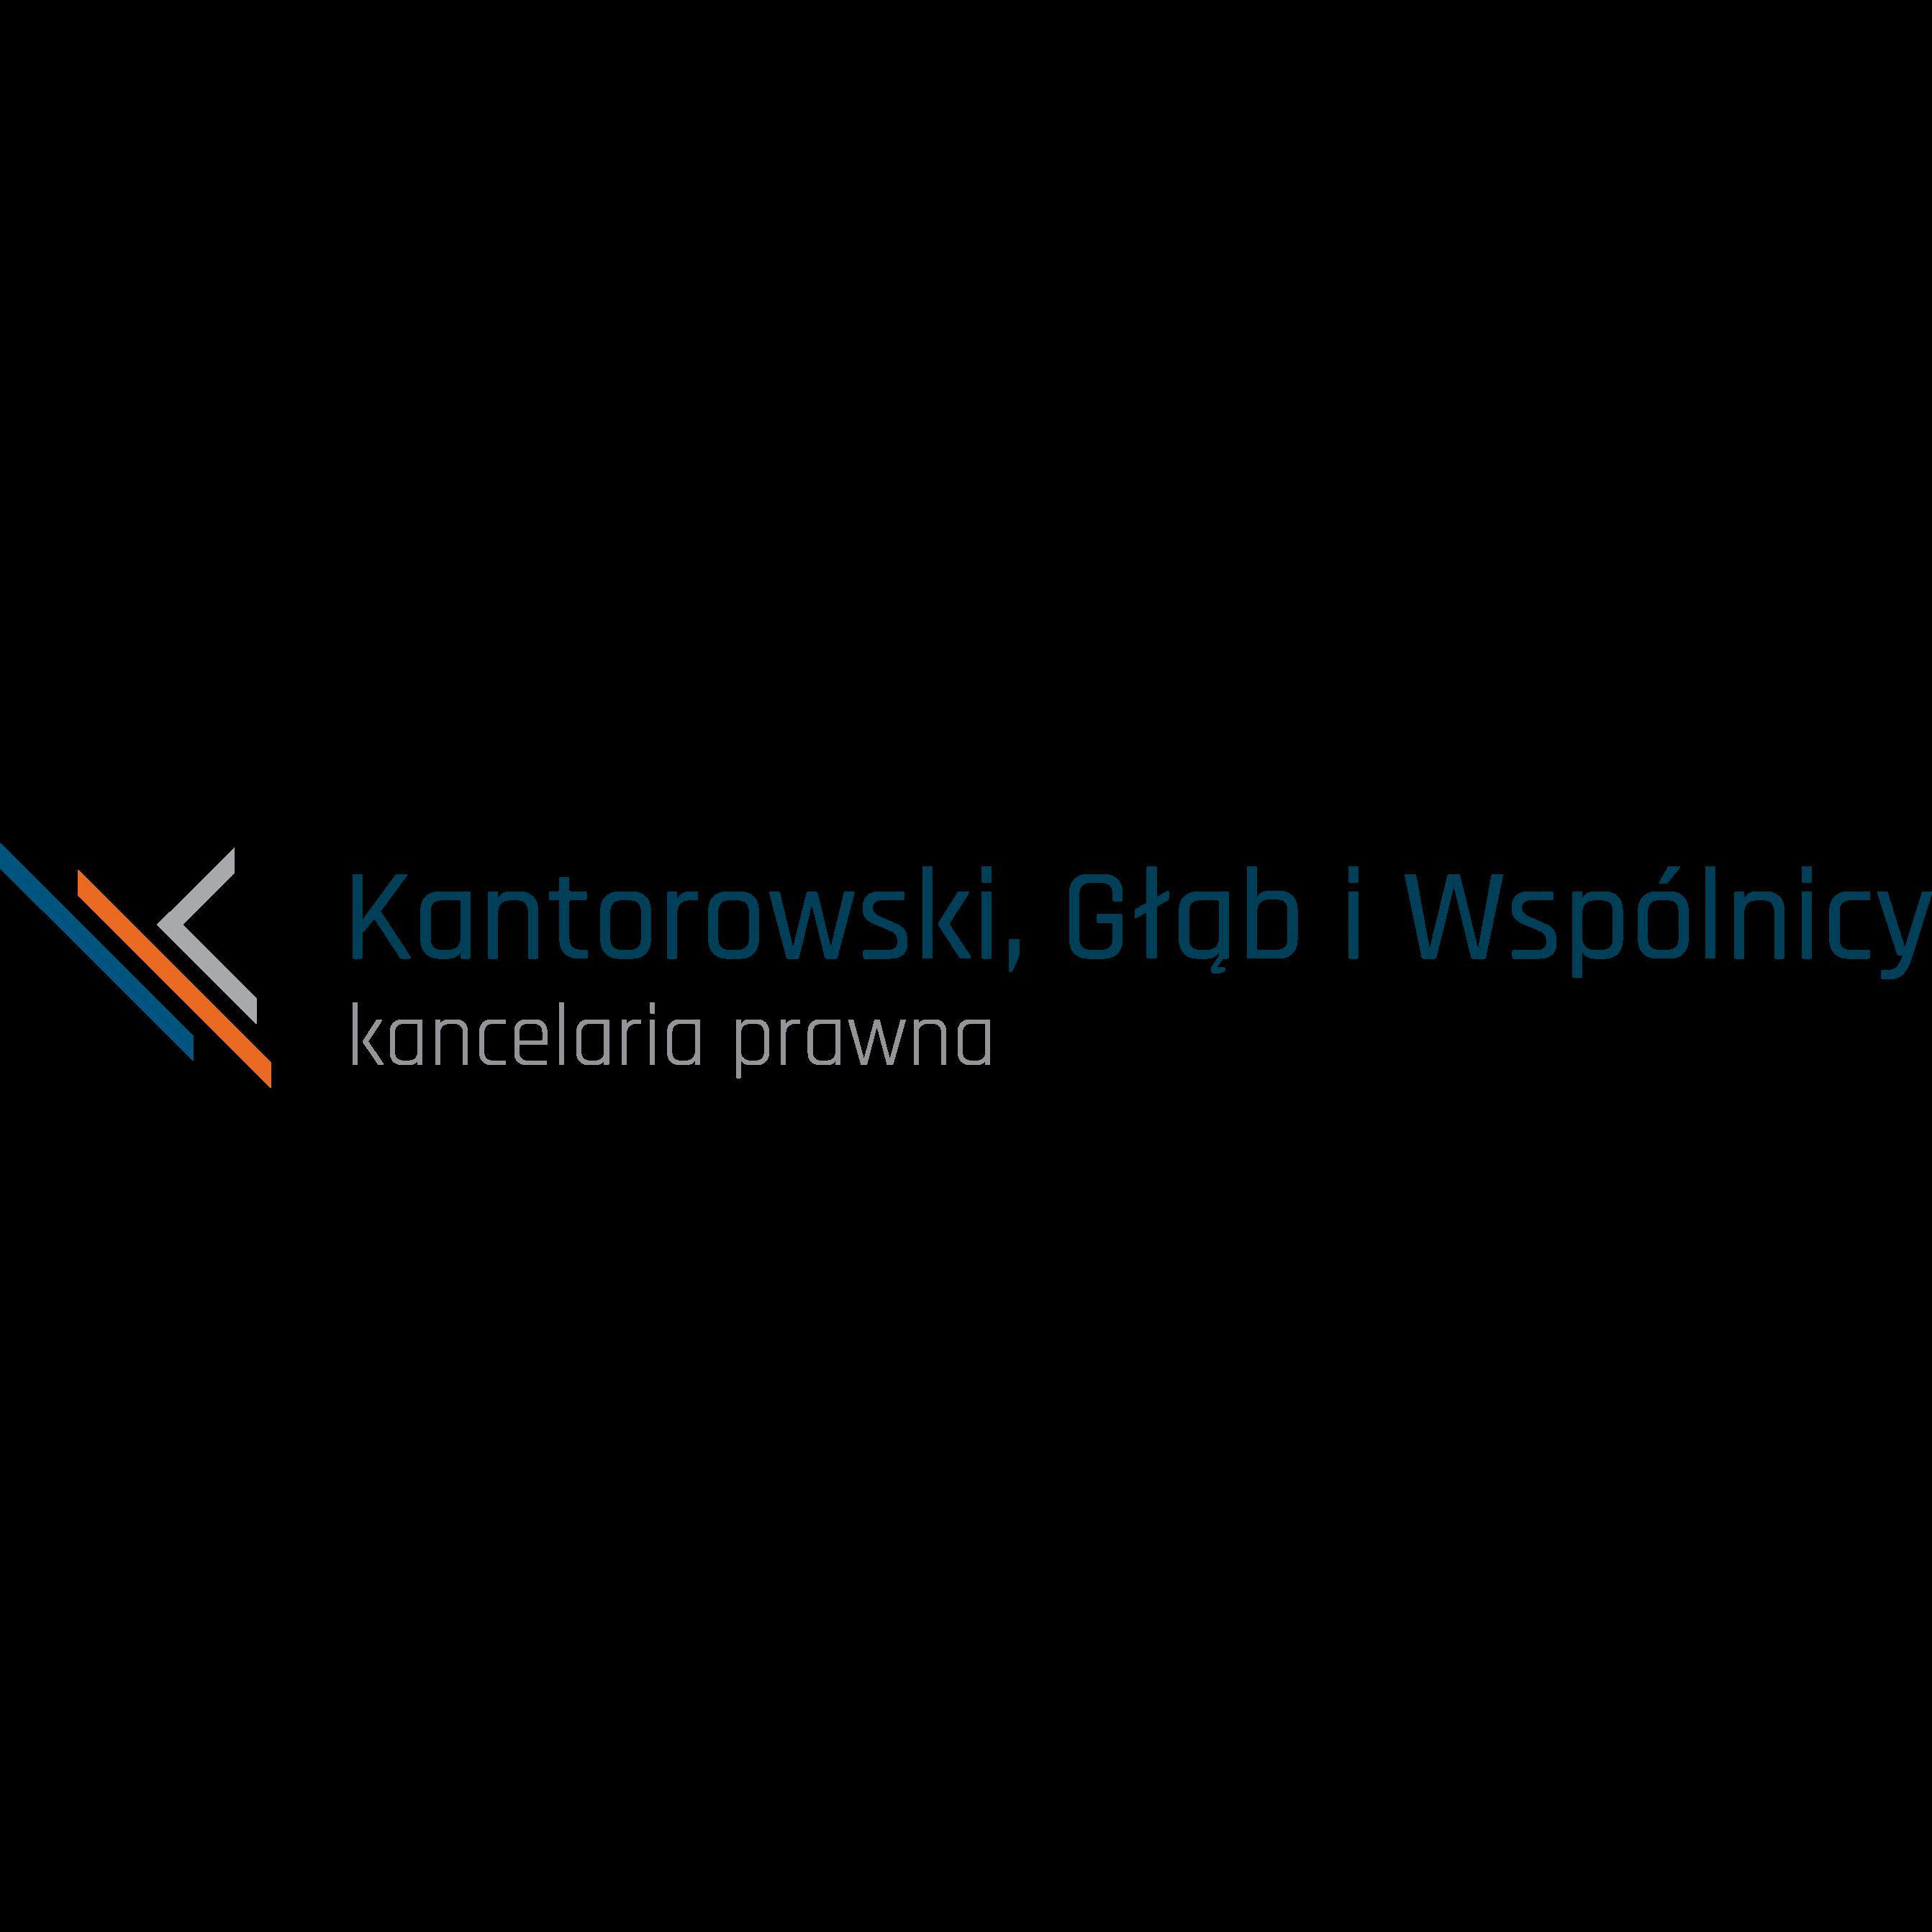 logo_kpkgw